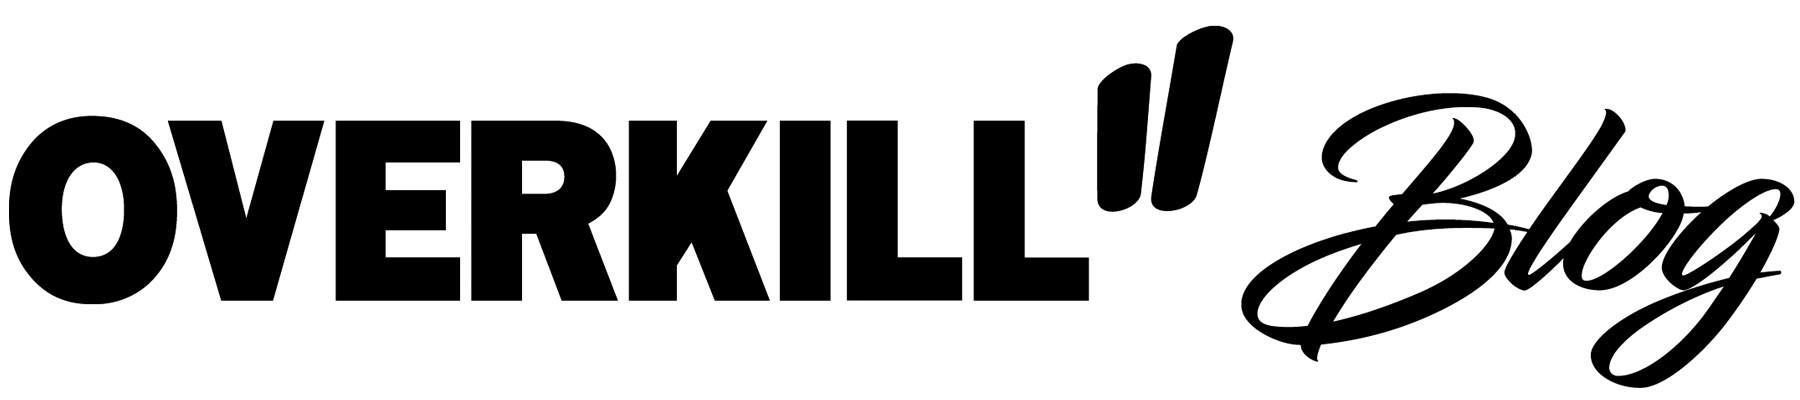 OVERKILL Blog